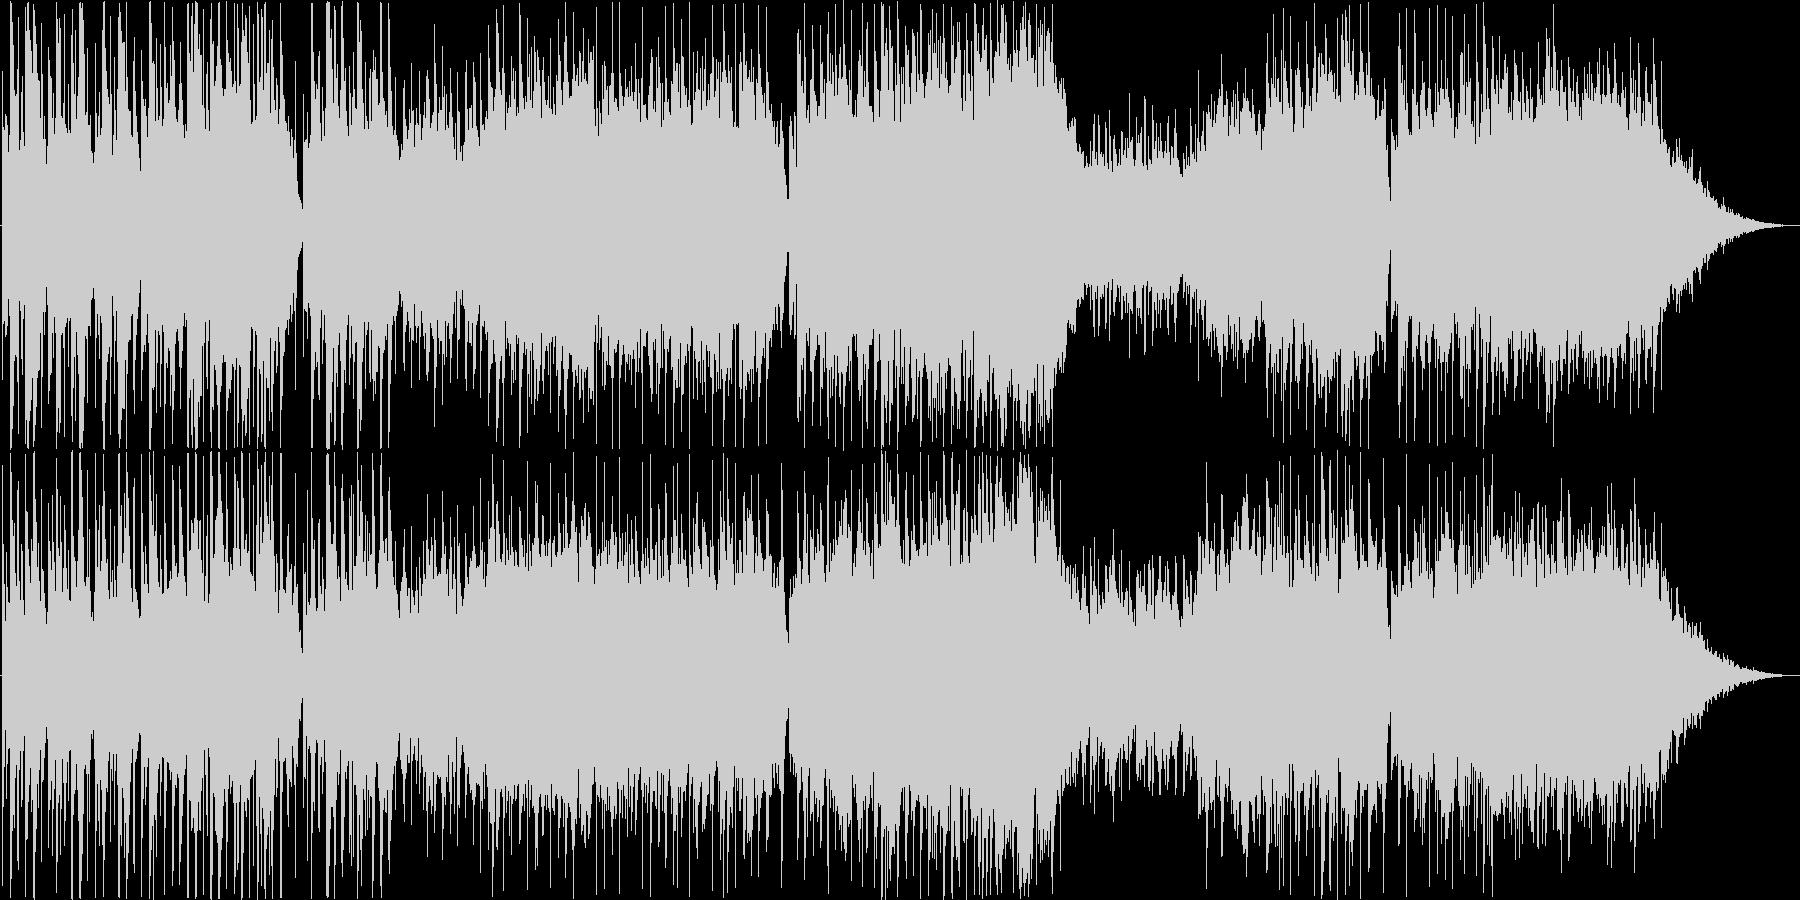 ザ・ラスト・ローズ・オブ・サマー庭の千草の未再生の波形